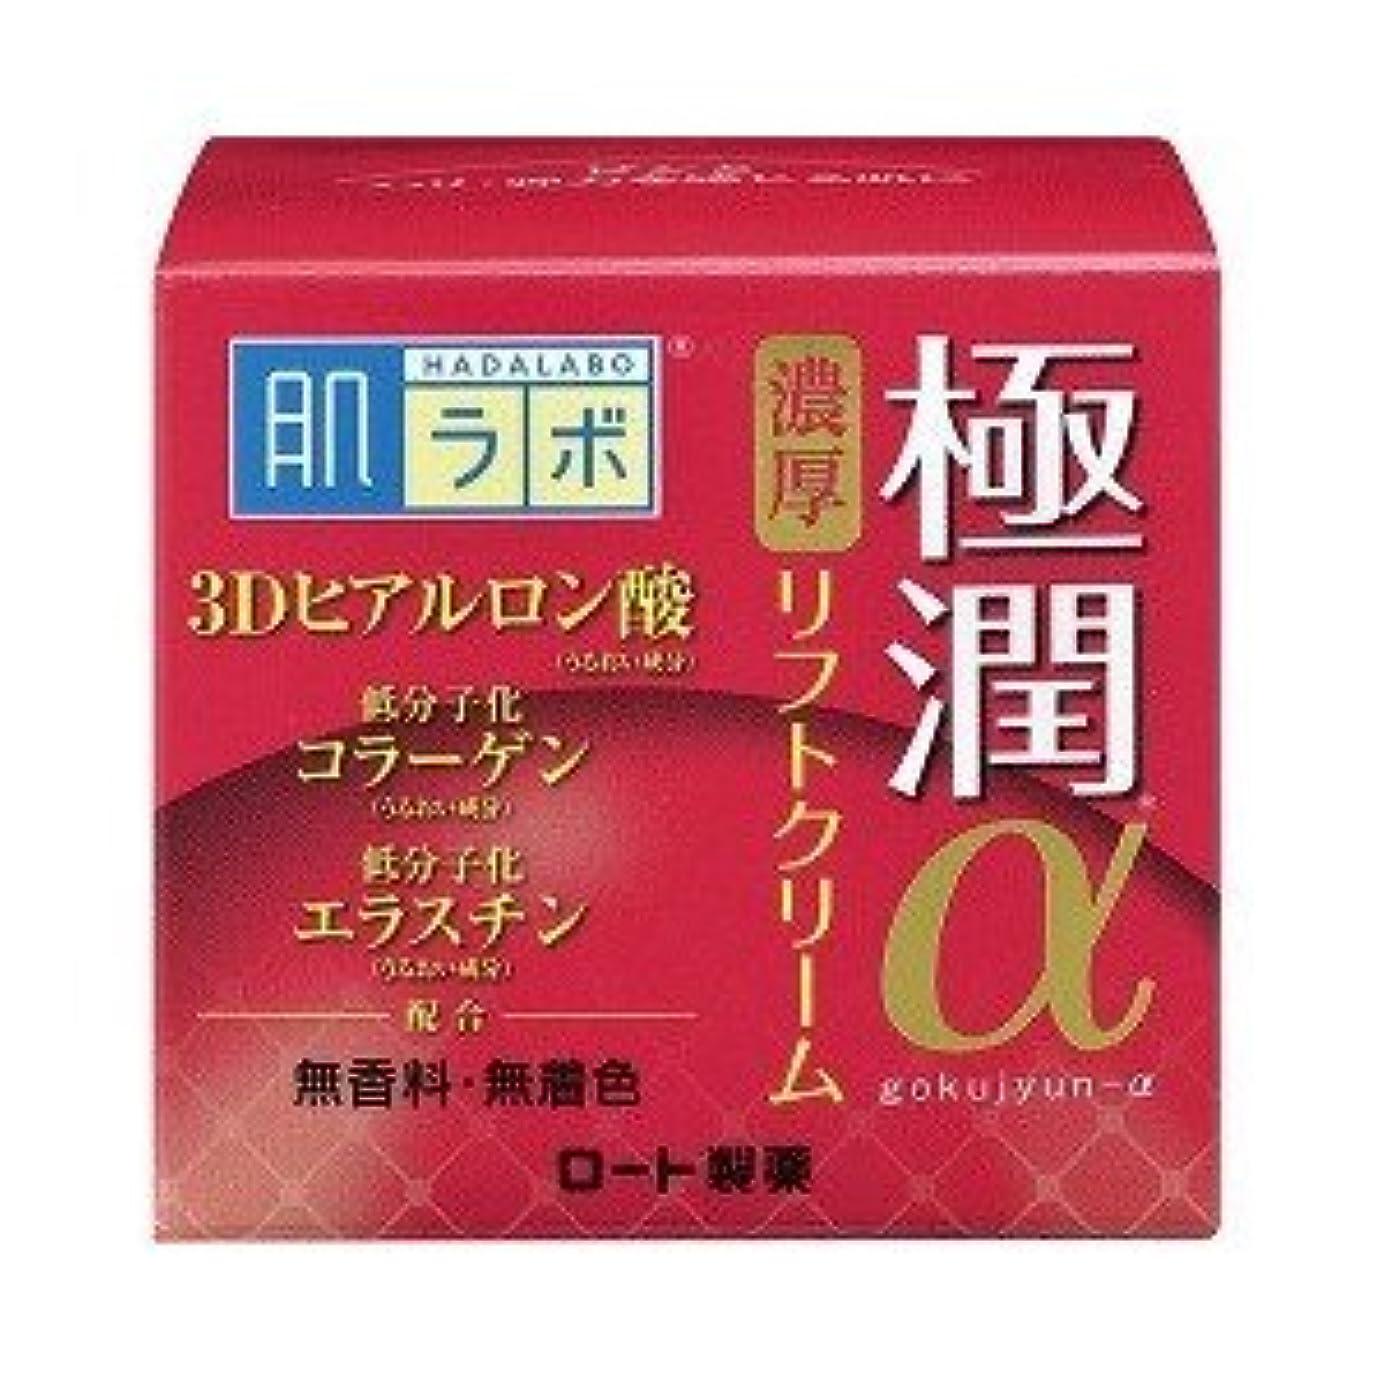 任意セイはさておき素晴らしい(ロート製薬)肌ラボ極潤α 3Dヒアルロン酸リフトクリーム 50g(お買い得3個セット)